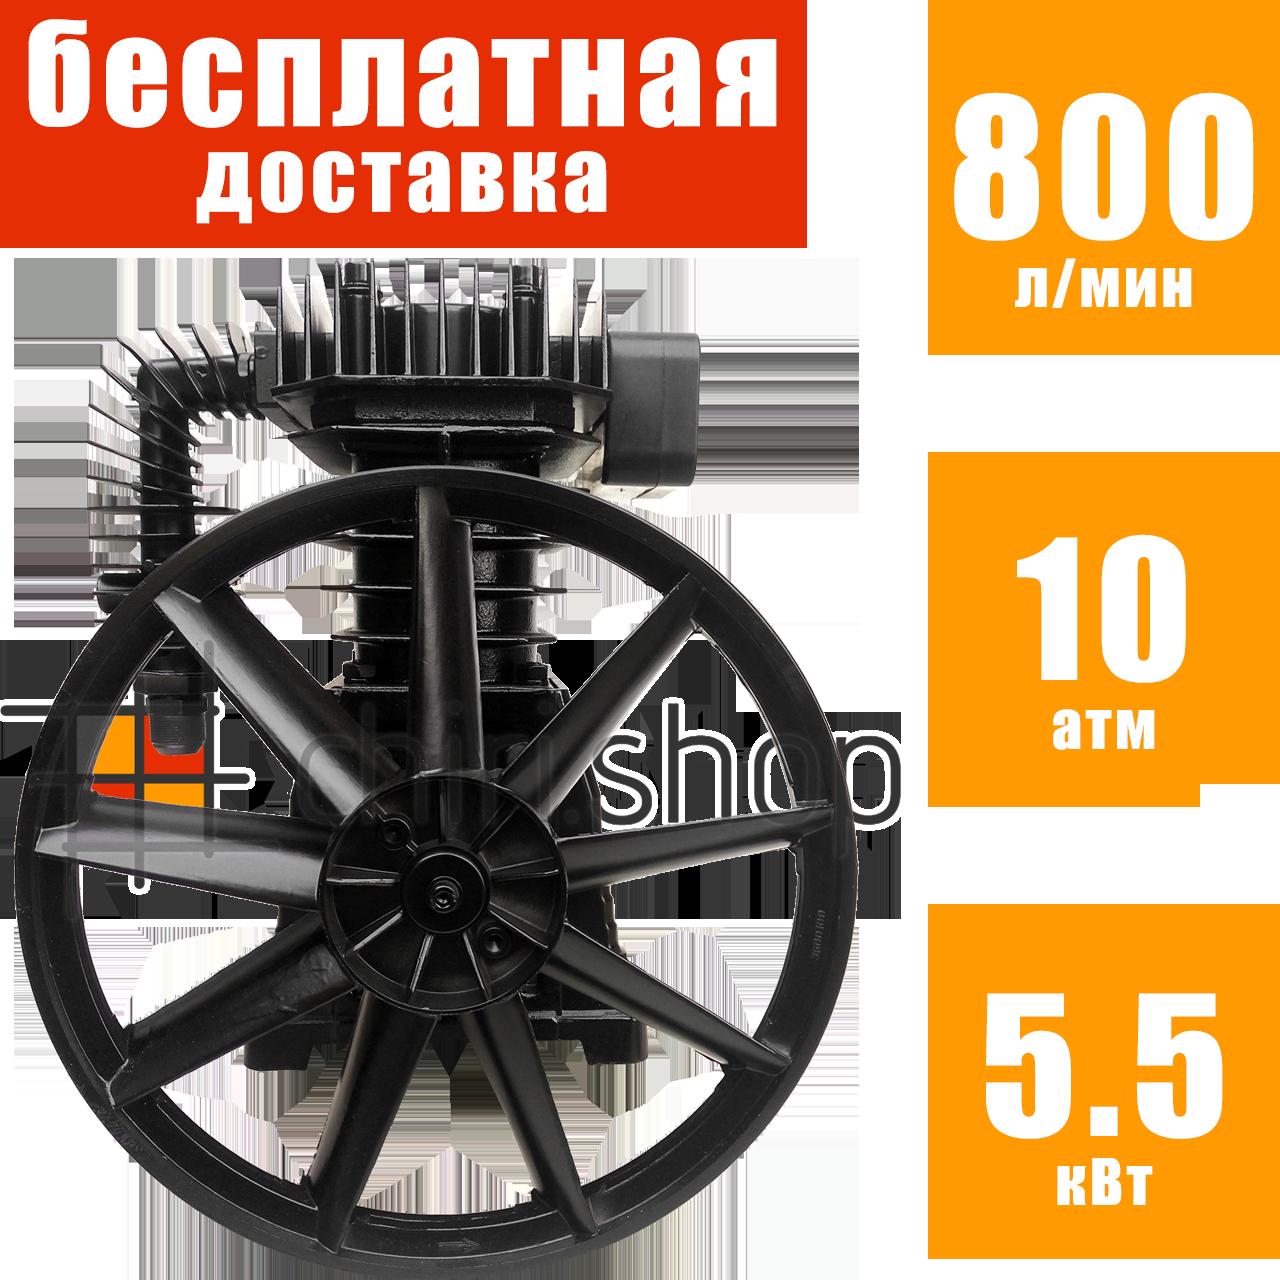 Компрессорная головка 800 л/мин H-образная головка компрессора 2090, 2-х цилиндровый компрессионный блок